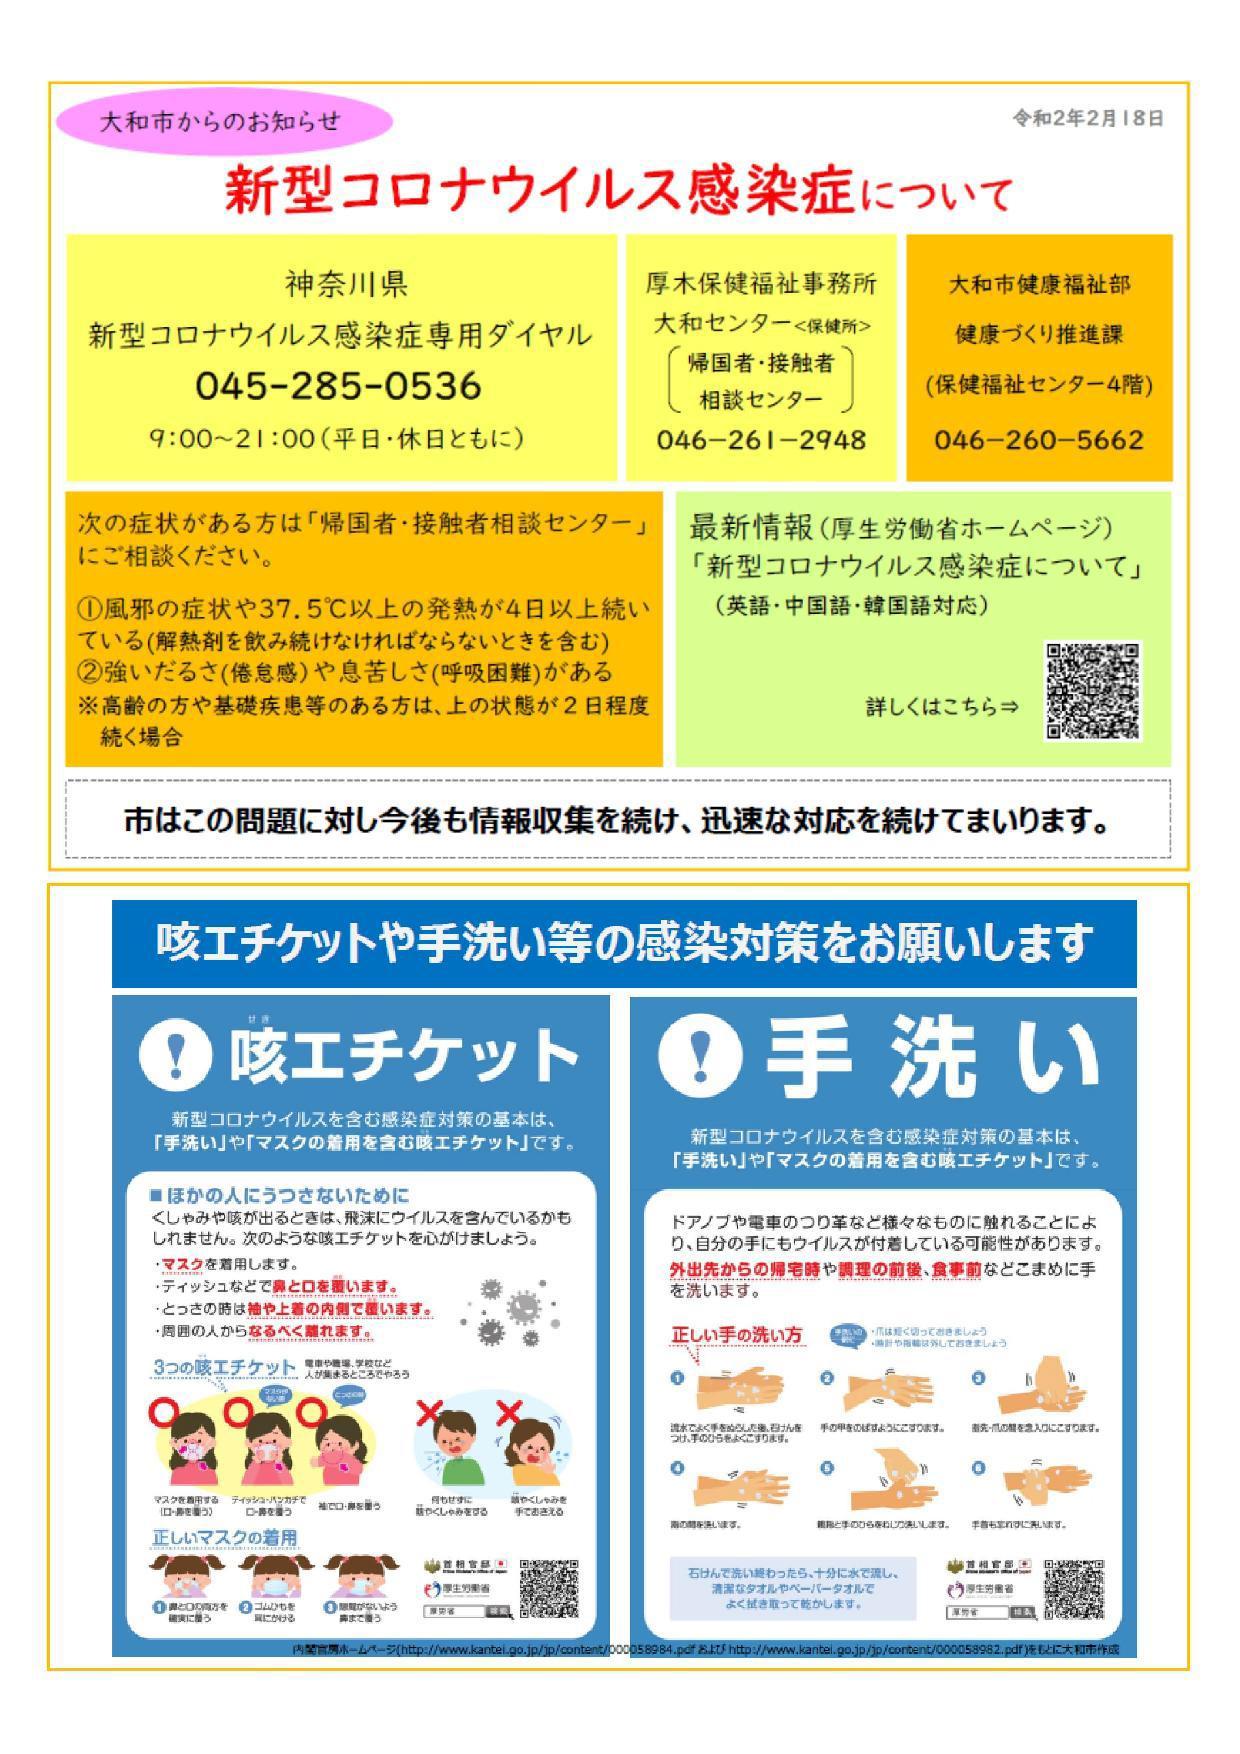 https://yamato-bunka.jp/files/5561bb31d3520e5083f043c7fd491ef05da4dbe7.jpg